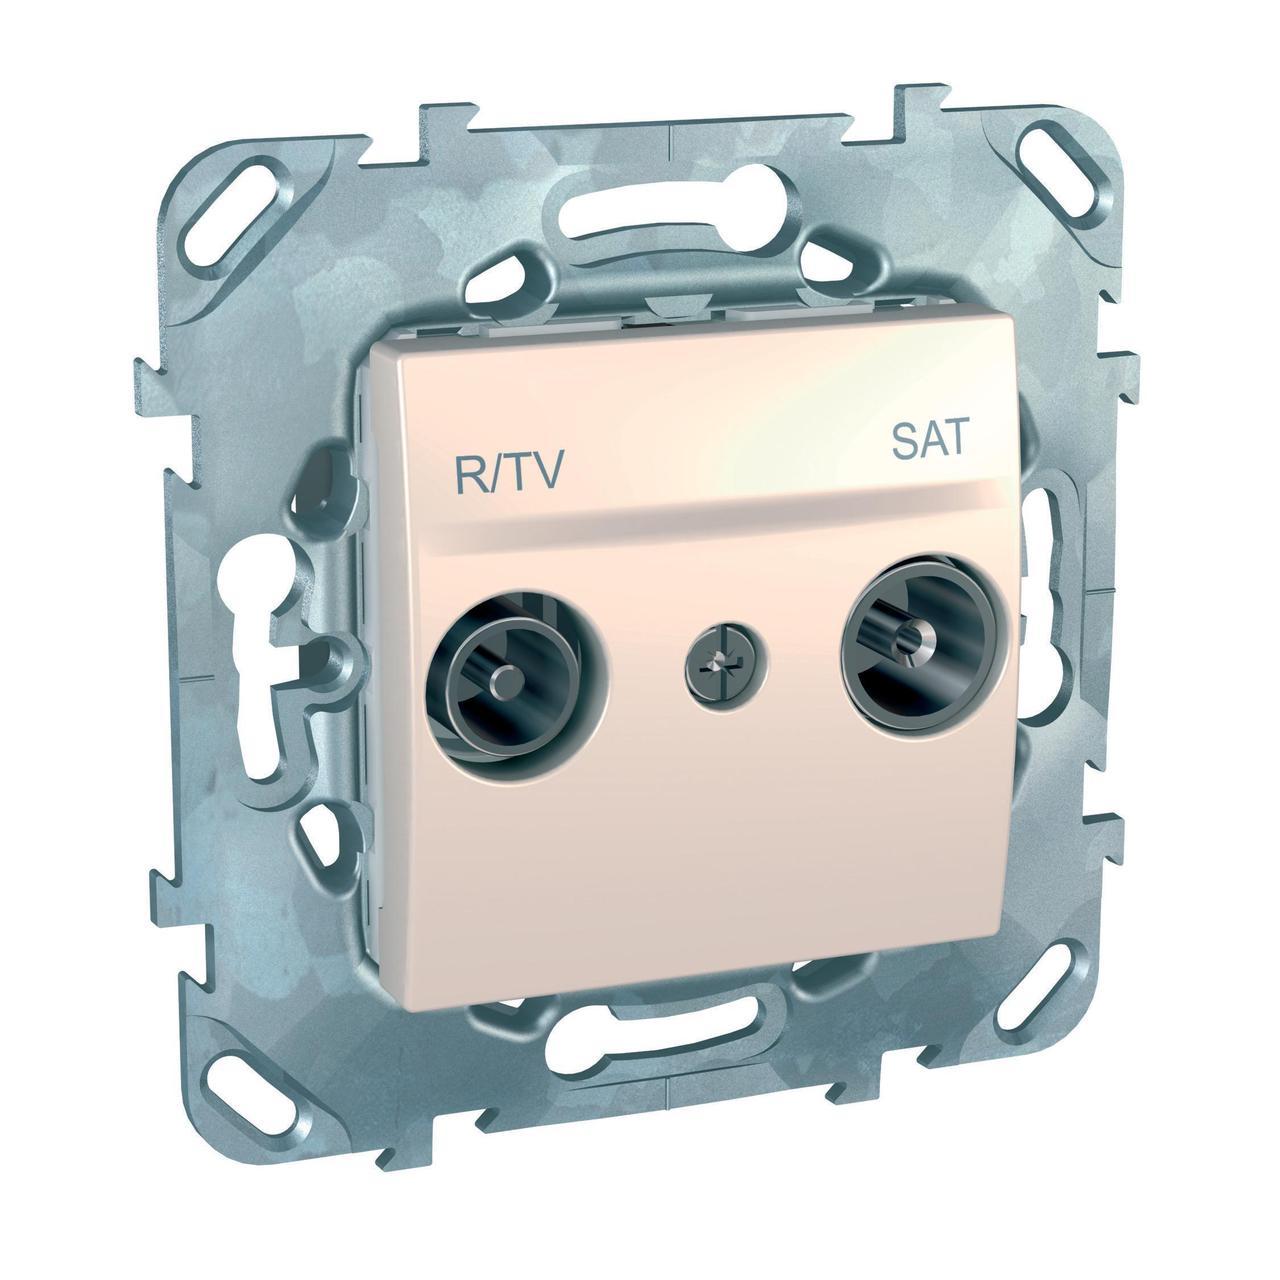 Розетка телевизионная единственная ТV-FМ-SАТ , Бежевый, серия Unica, Schneider Electric